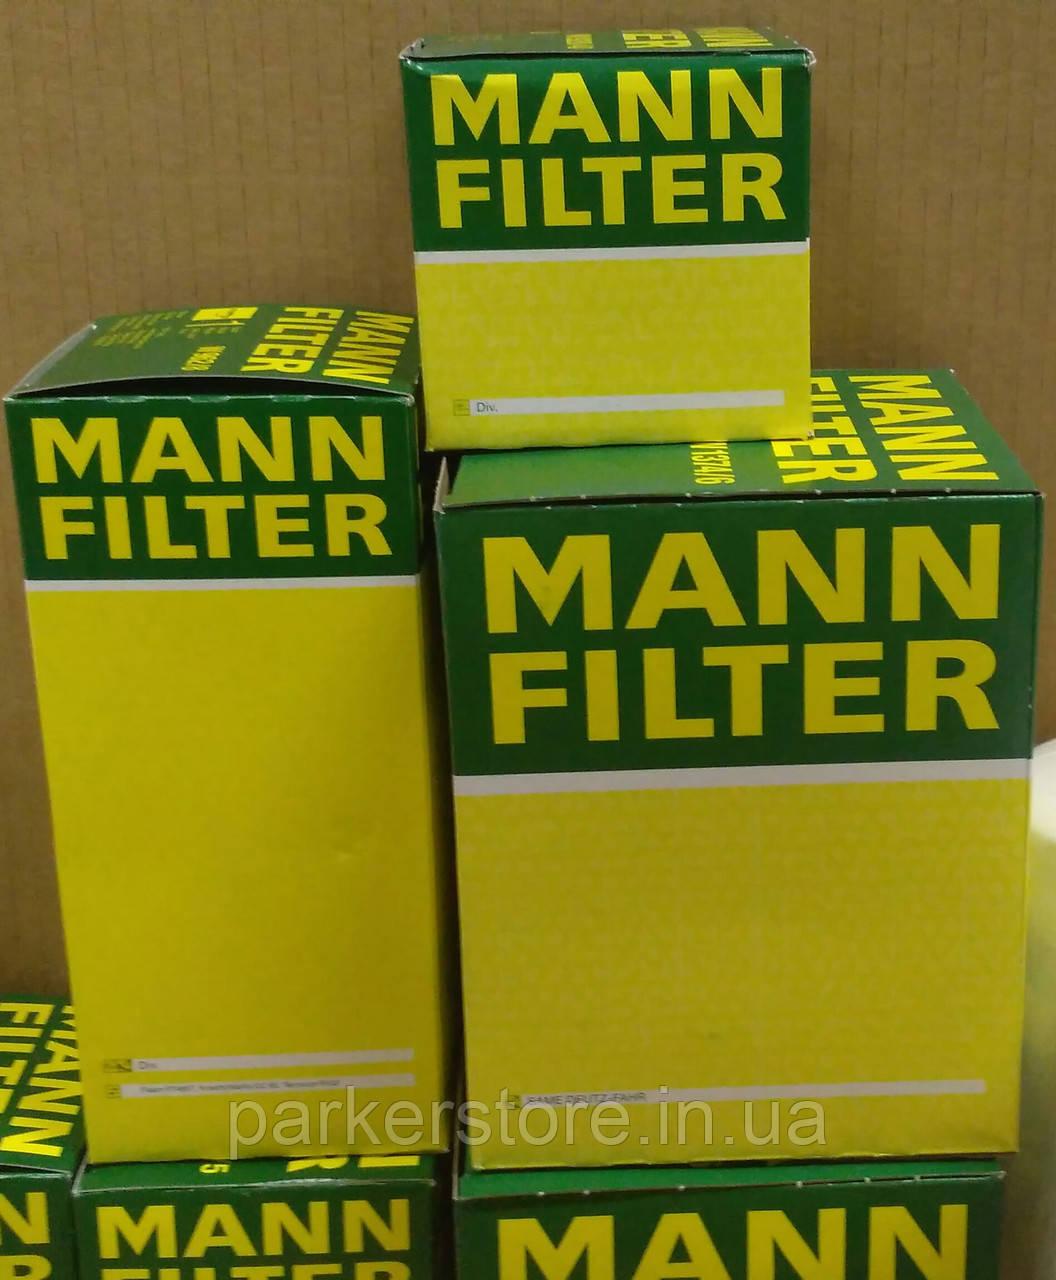 MANN FILTER / Воздушный фильтр / C 33 920/5 / C33920/5